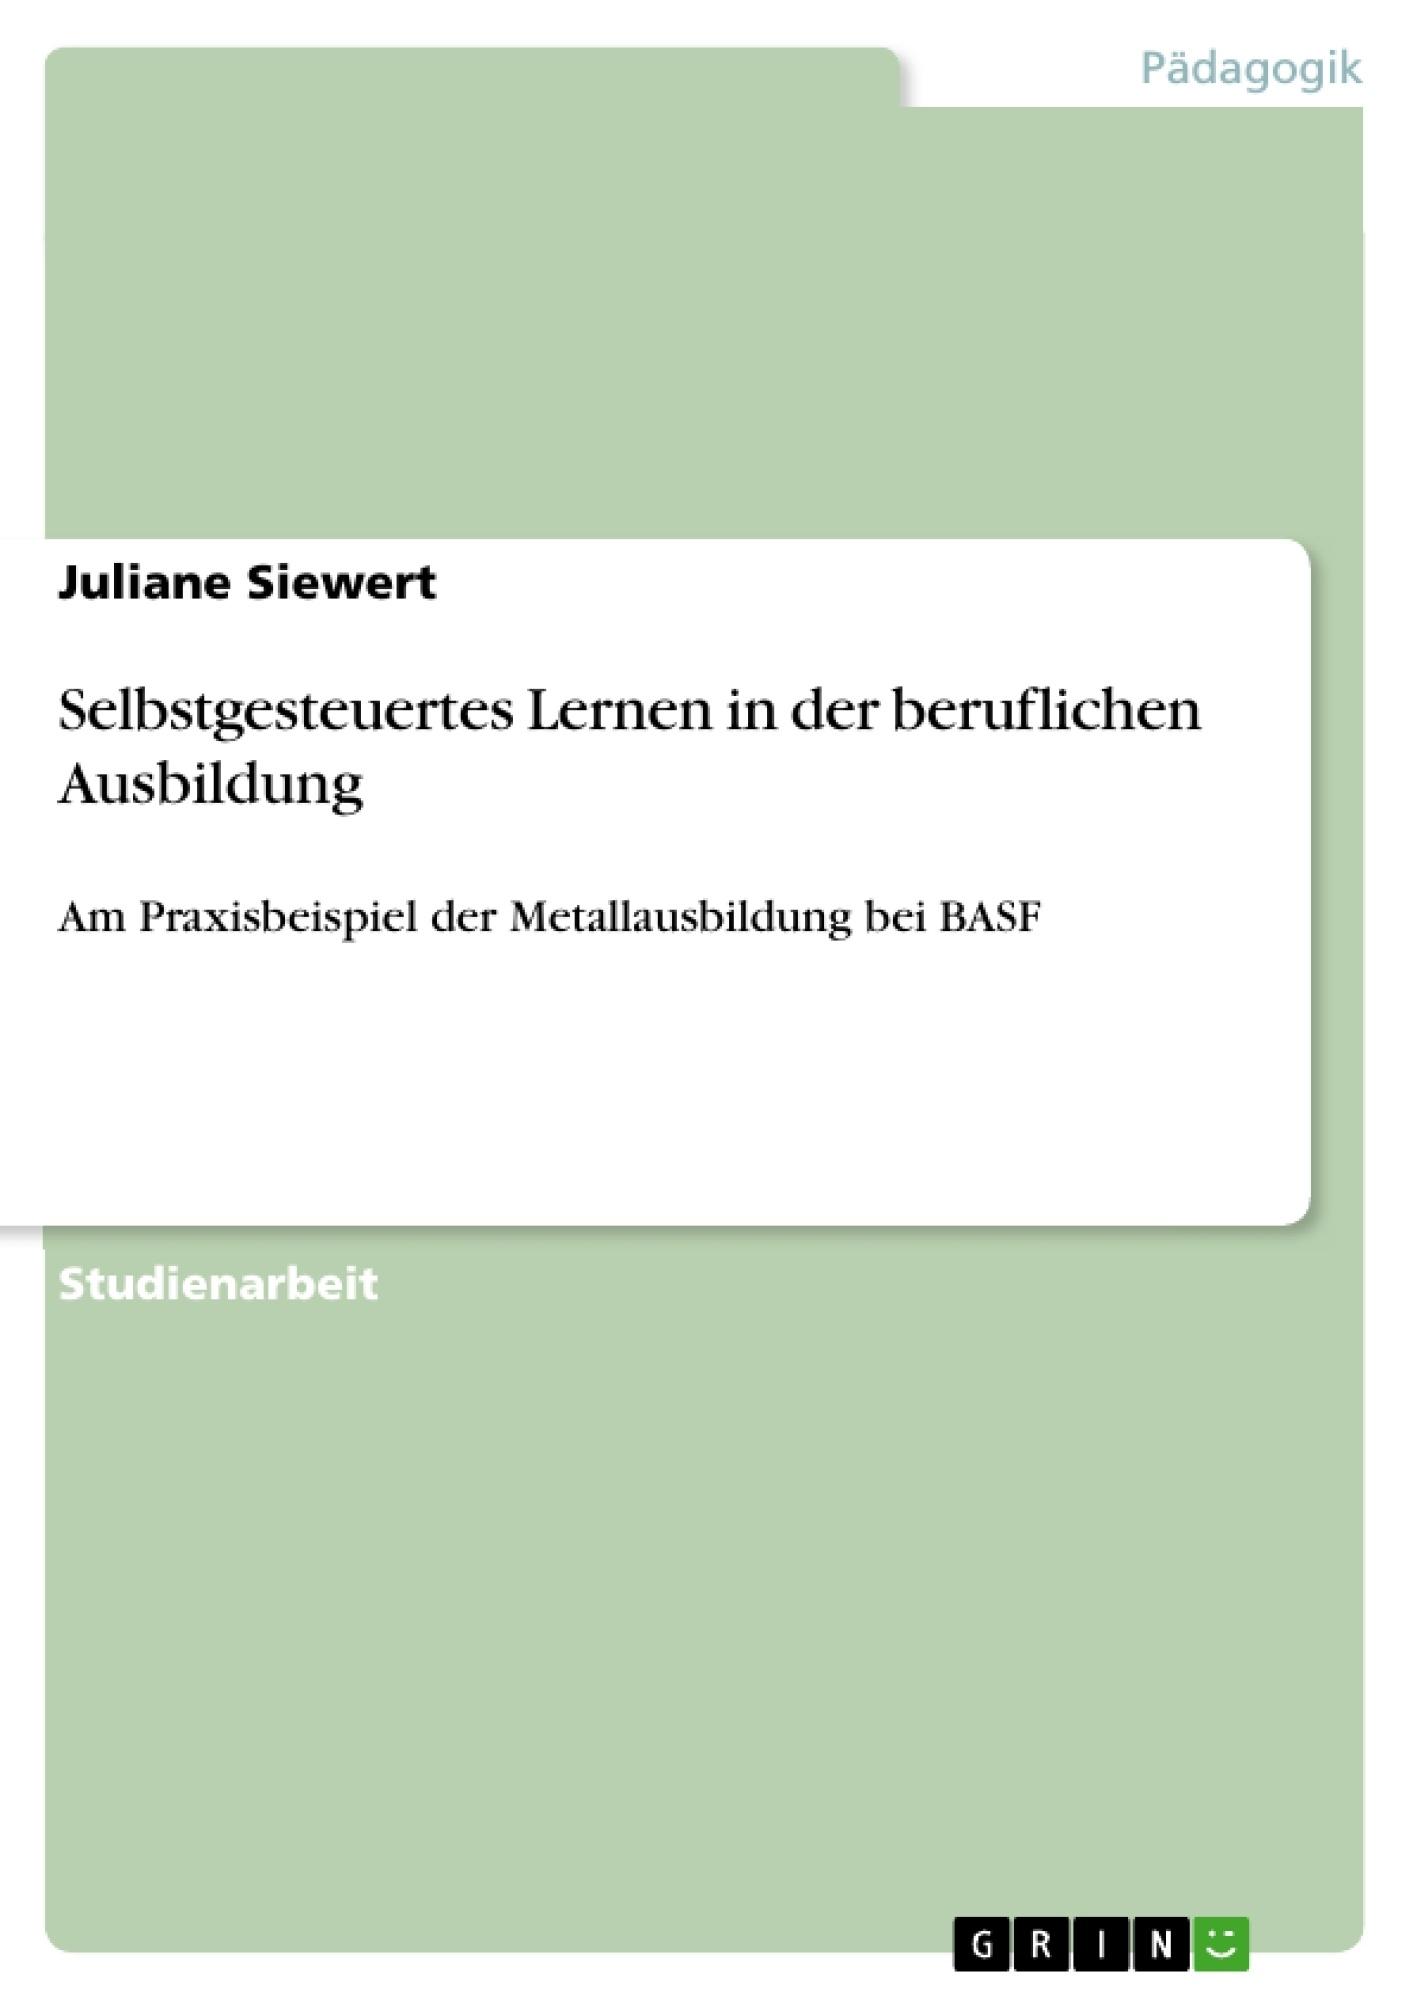 Titel: Selbstgesteuertes Lernen in der beruflichen Ausbildung